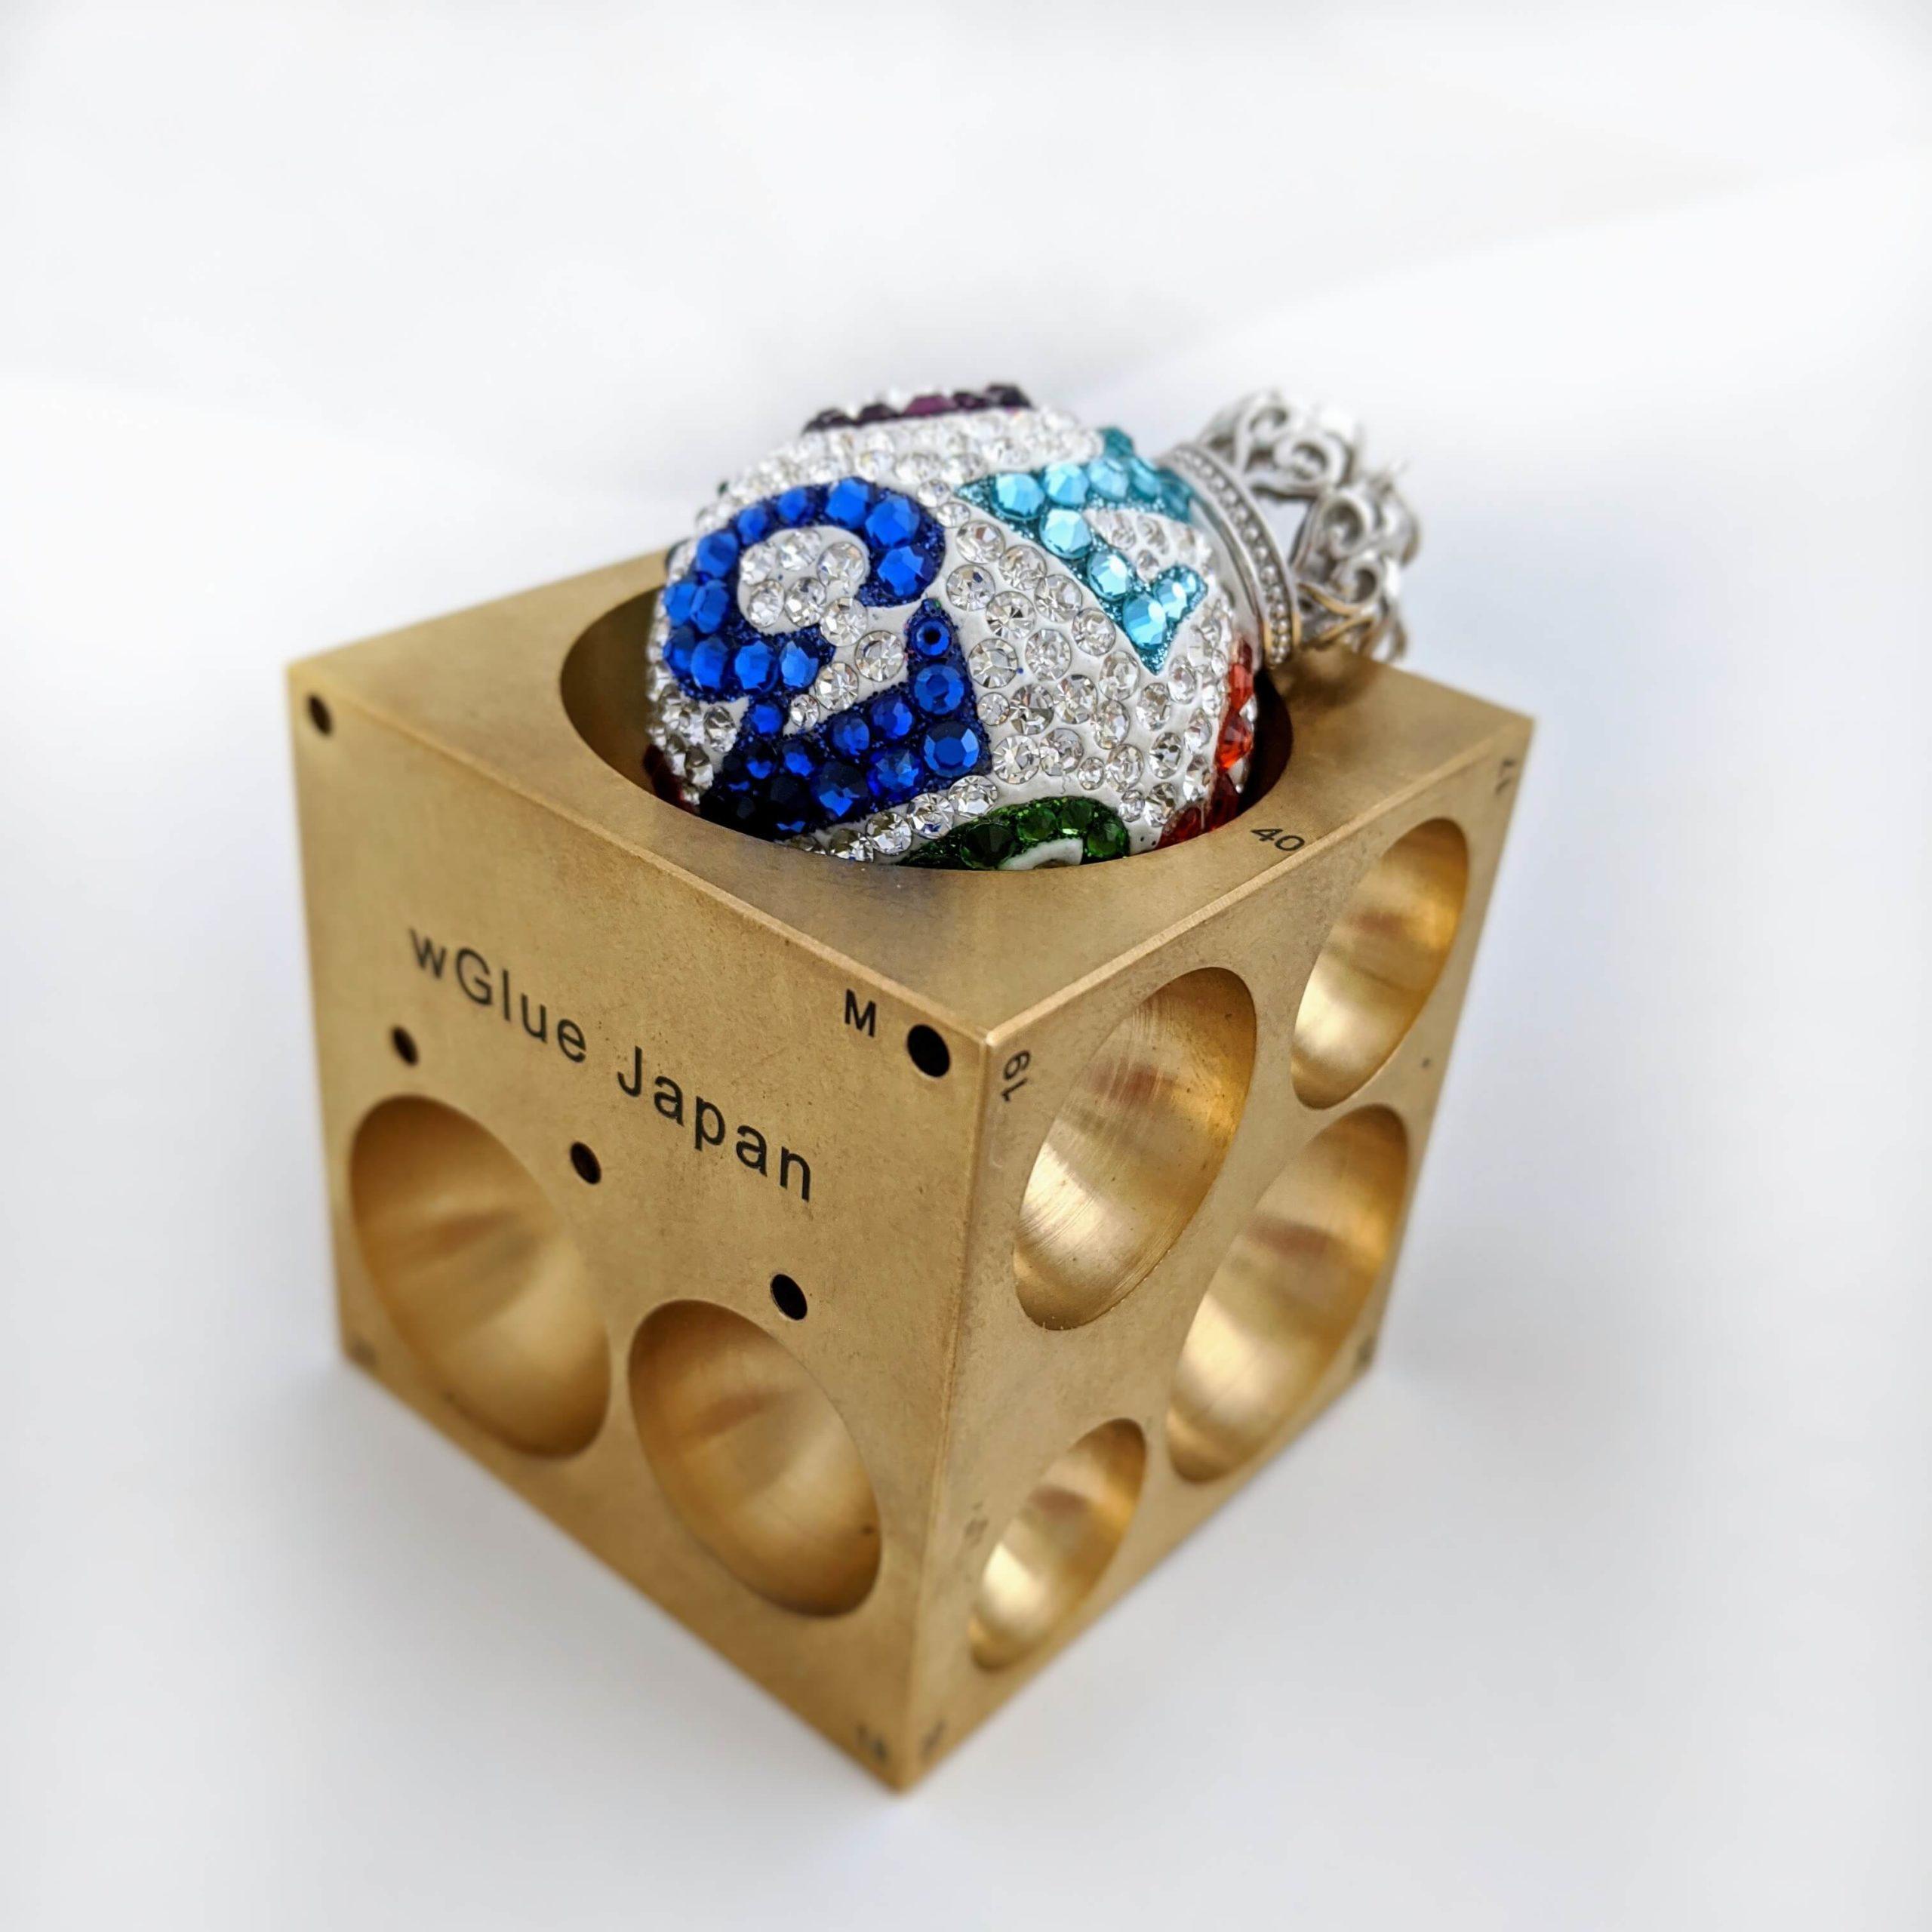 グルーデコのジュエルボールを作る際に使用するモルド